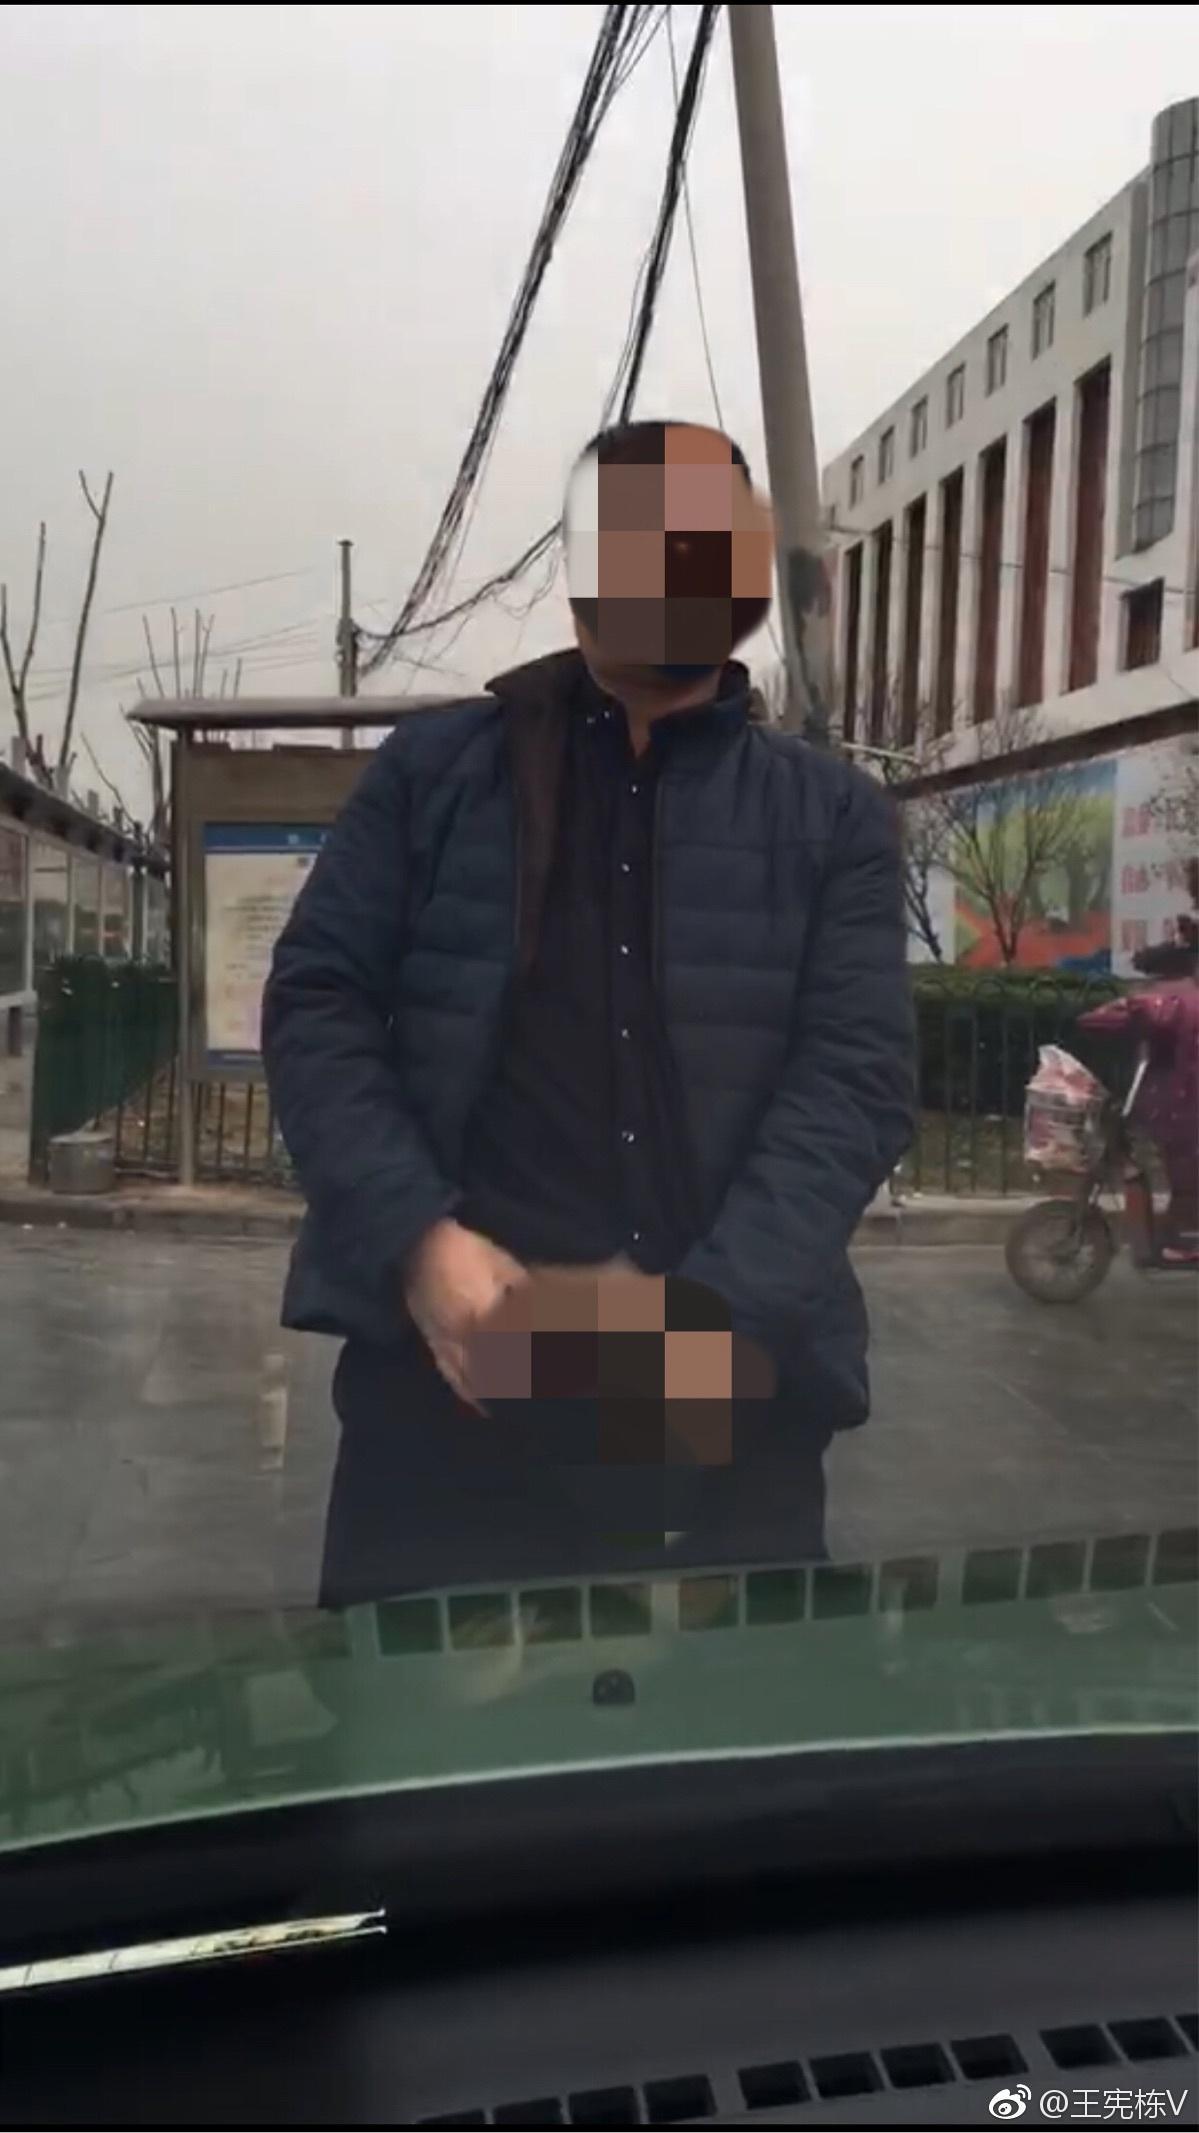 恶劣!出租车司机与同行抢客 露出下体挑衅女学生